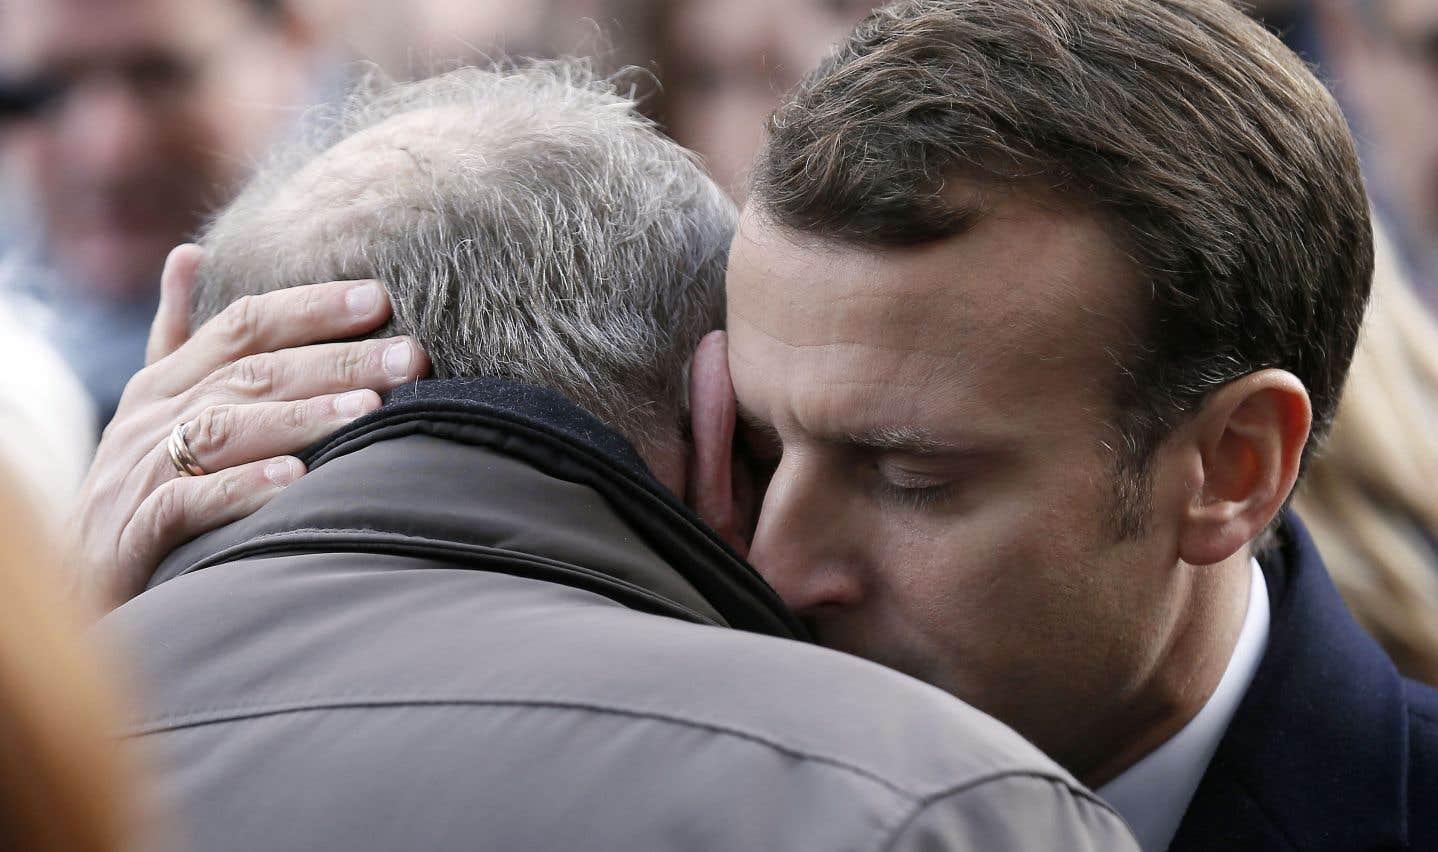 Près du Bataclan, le président Emmanuel Macron a réconforté un proche d'une des victimes des attentats du 13 novembre 2015.